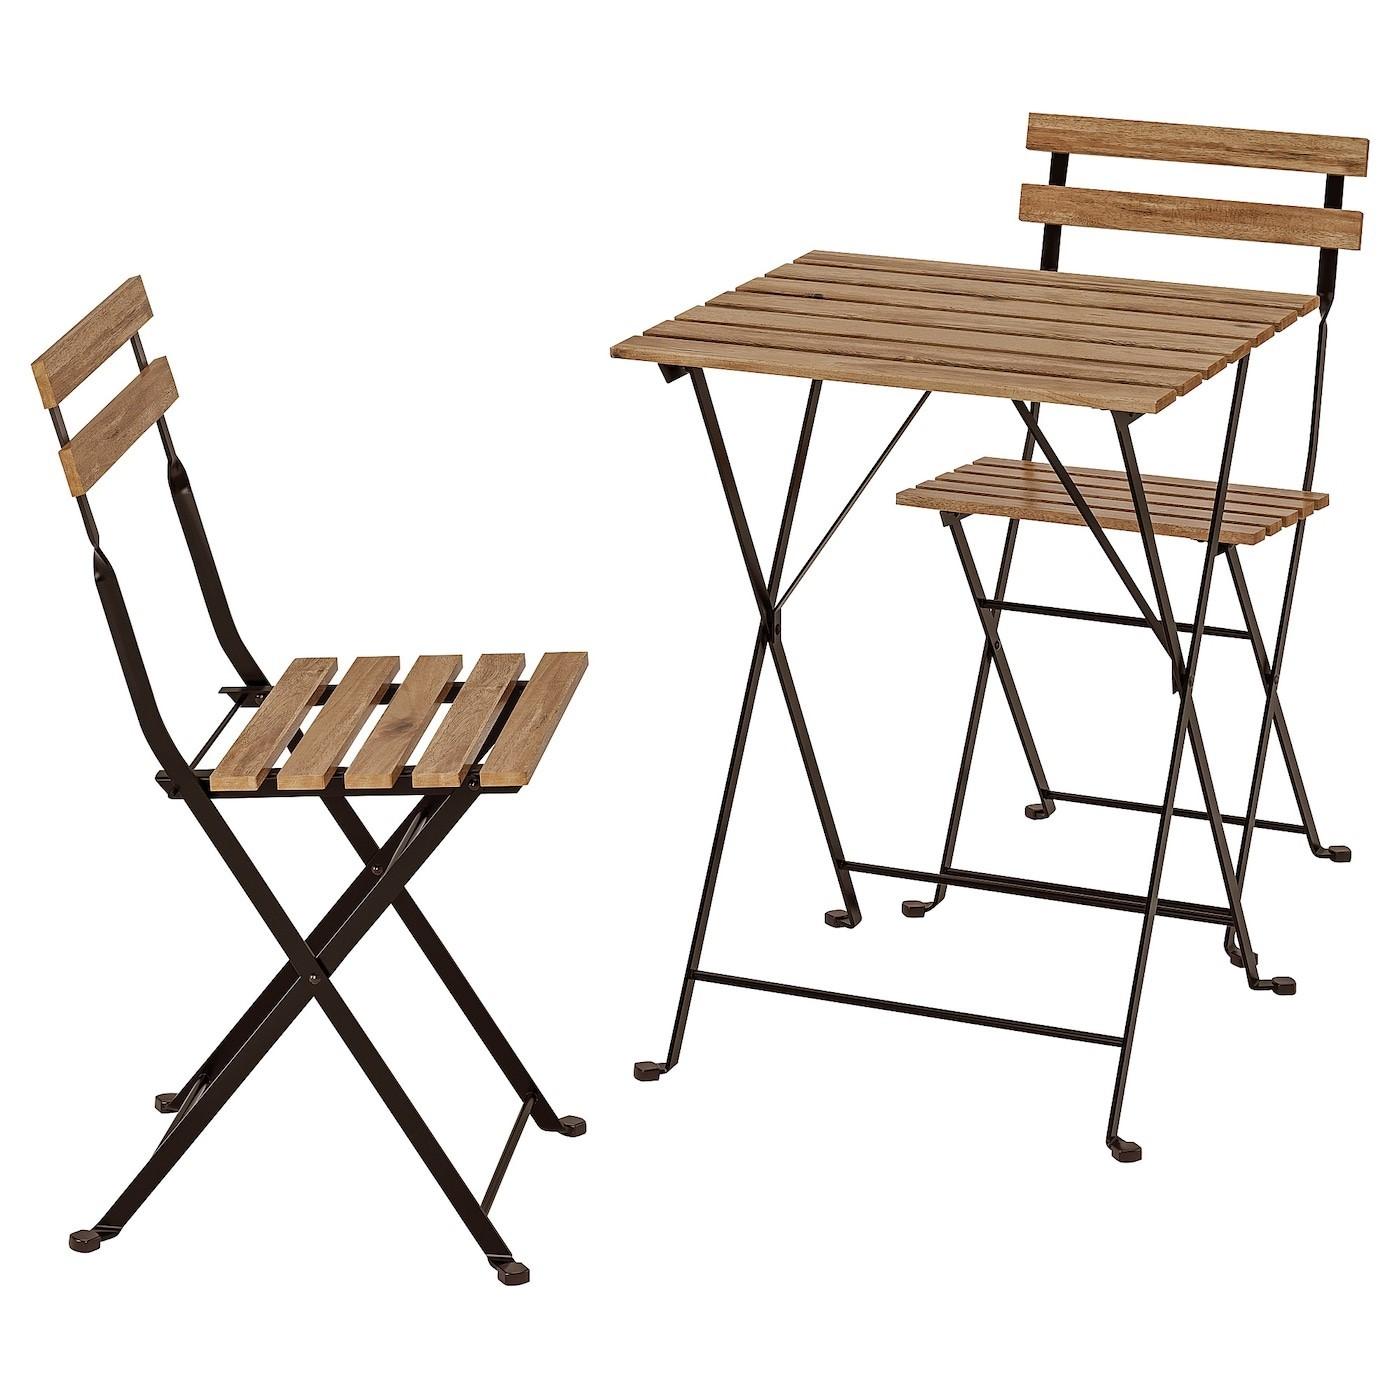 IKEA ТЭРНО Стол+2стула,д/сада, черный акация, сталь серо-коричневая морилка 698.984.15